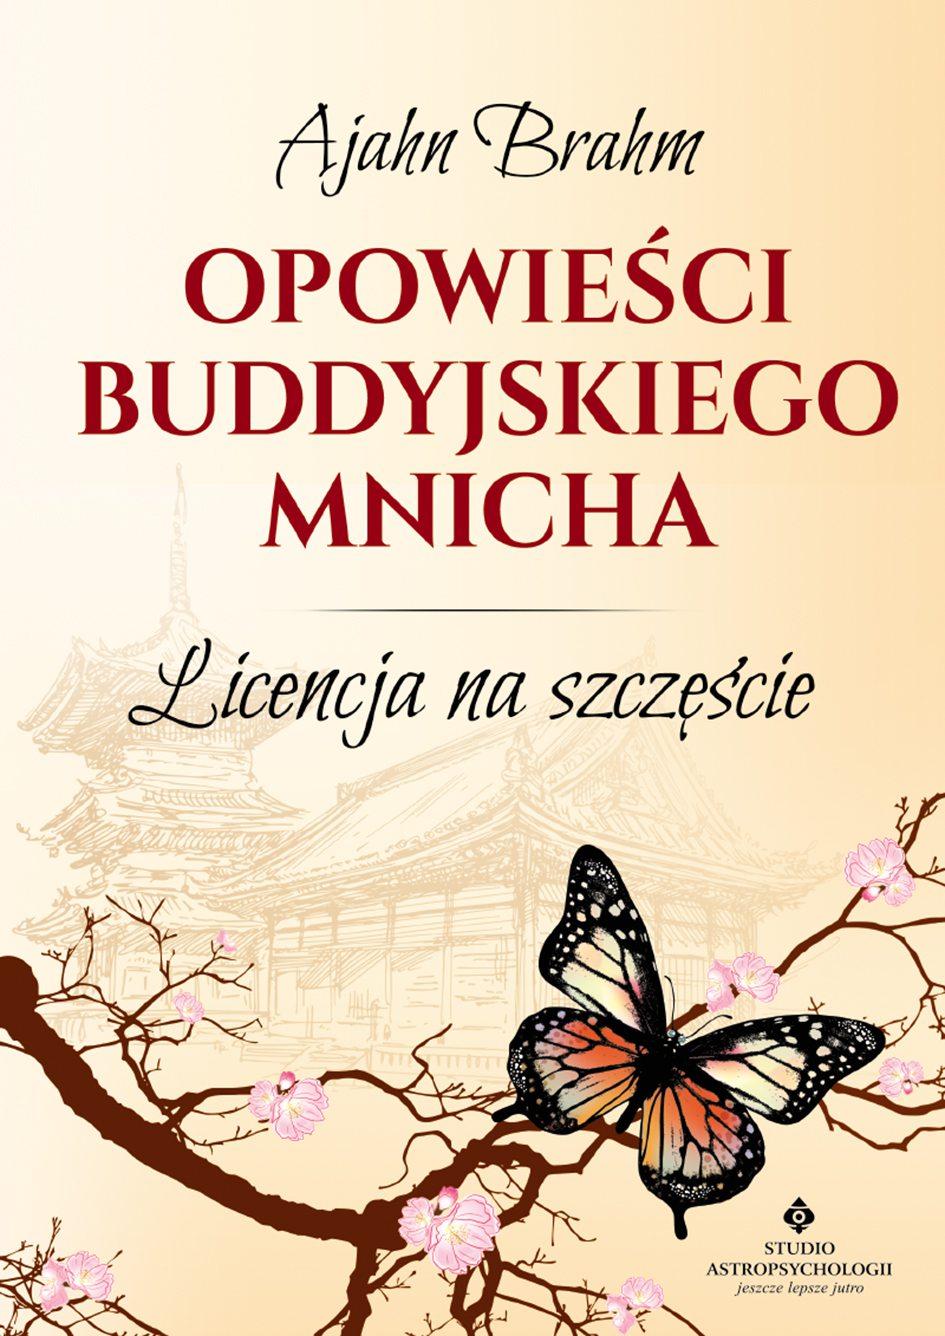 Opowieści buddyjskiego mnicha. Licencja na szczęście - Ebook (Książka na Kindle) do pobrania w formacie MOBI